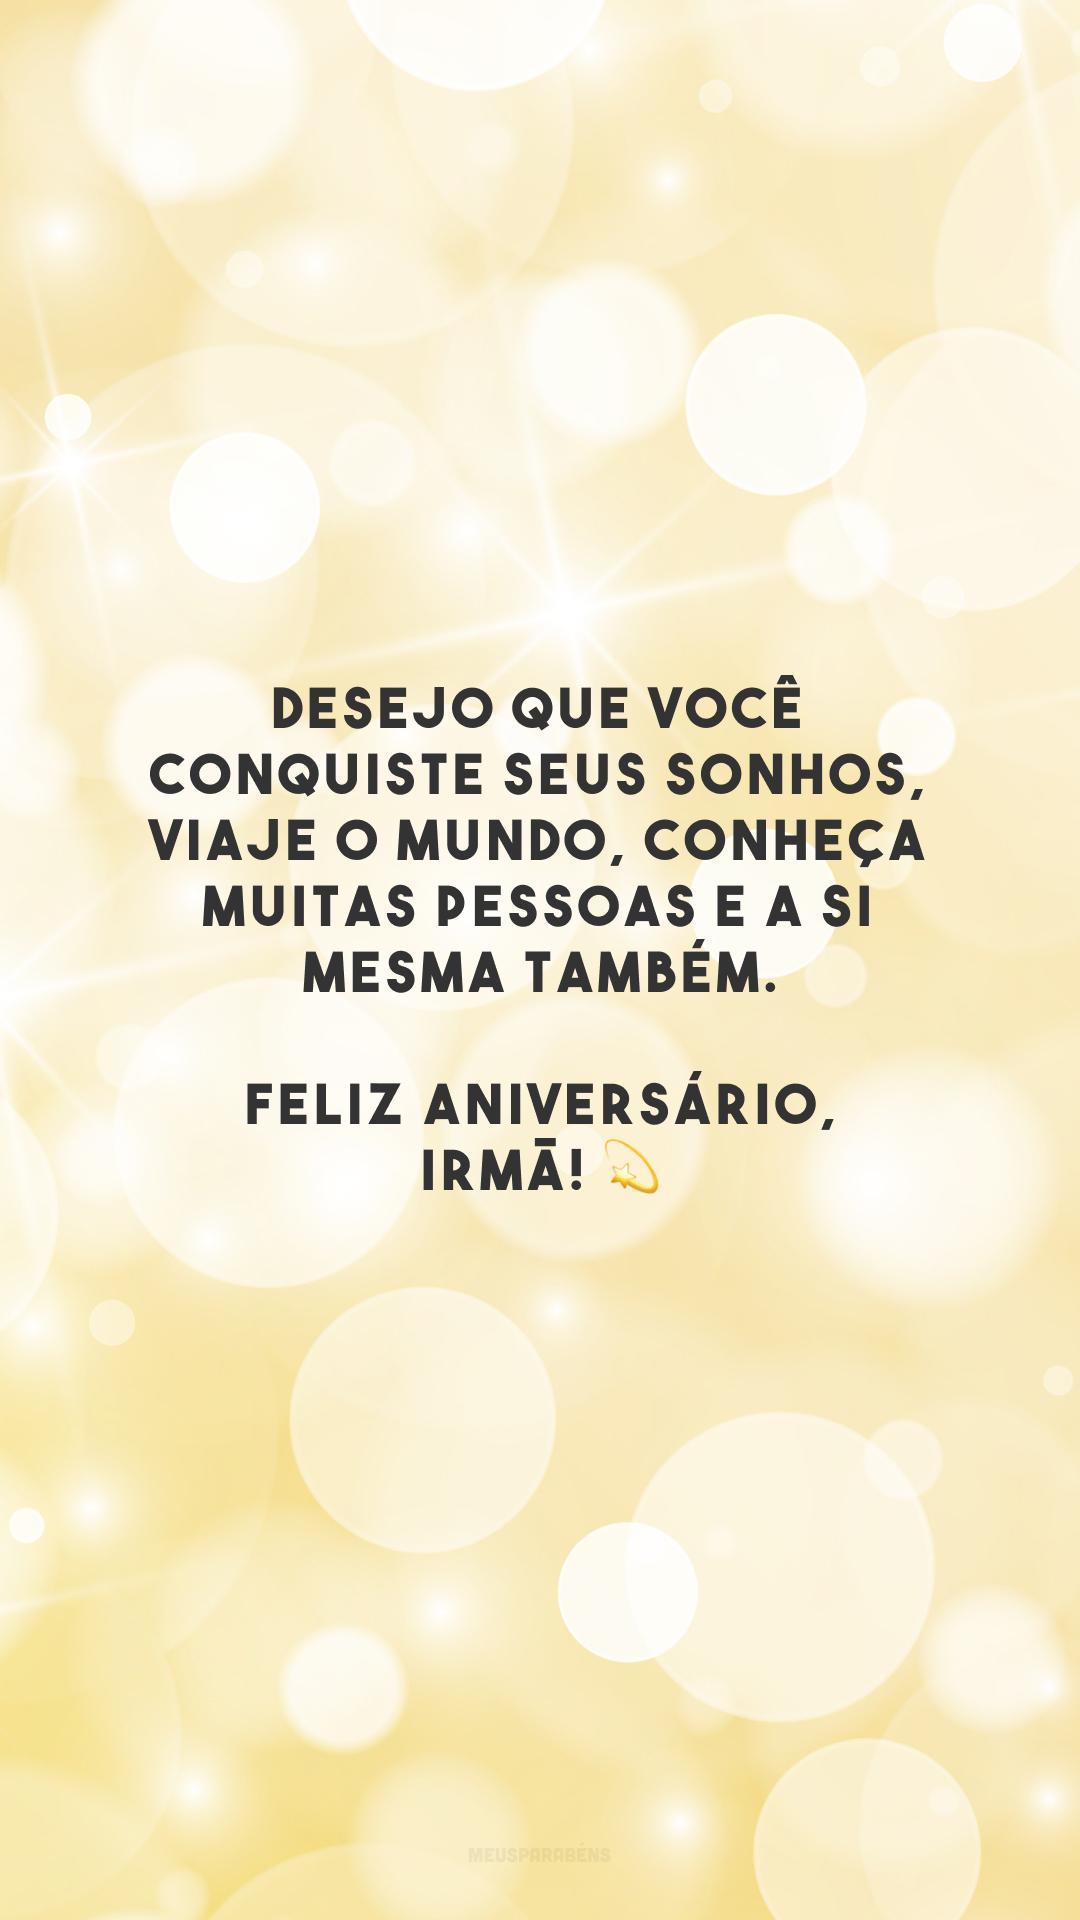 Desejo que você conquiste seus sonhos, viaje o mundo, conheça muitas pessoas e a si mesma também. Feliz aniversário, irmã! 💫